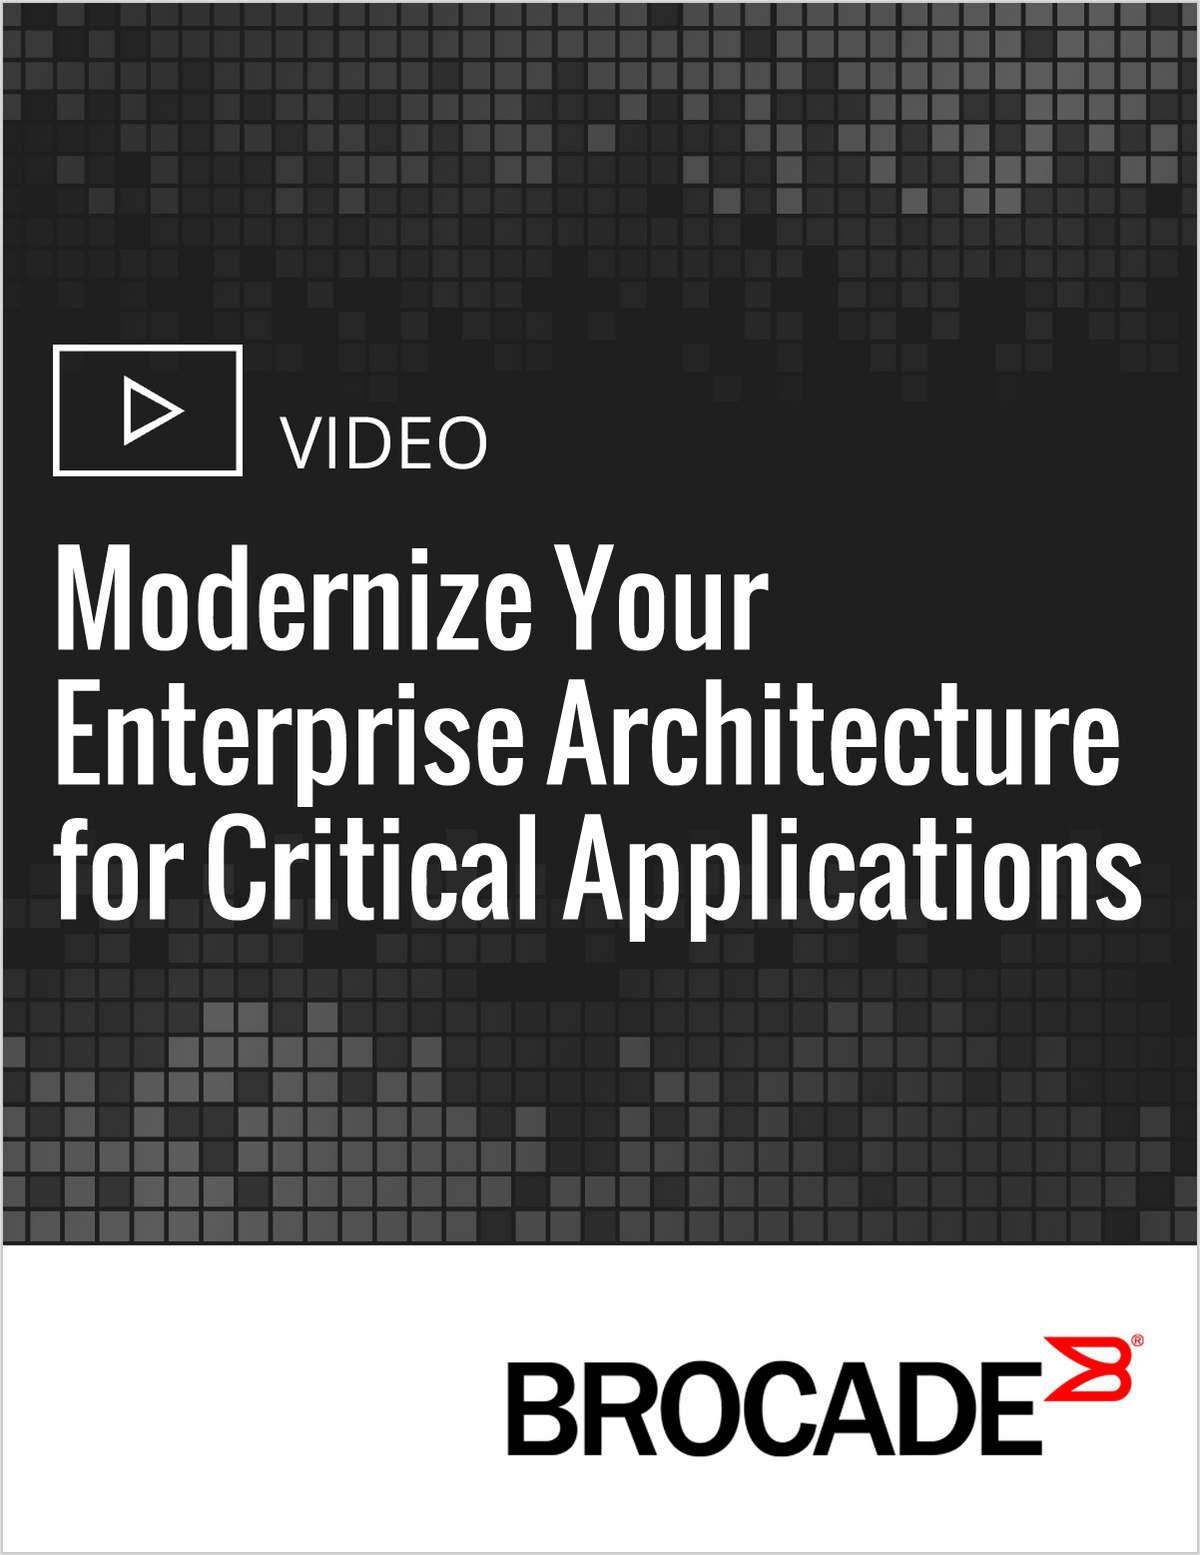 Modernize Your Enterprise Architecture for Critical Applications